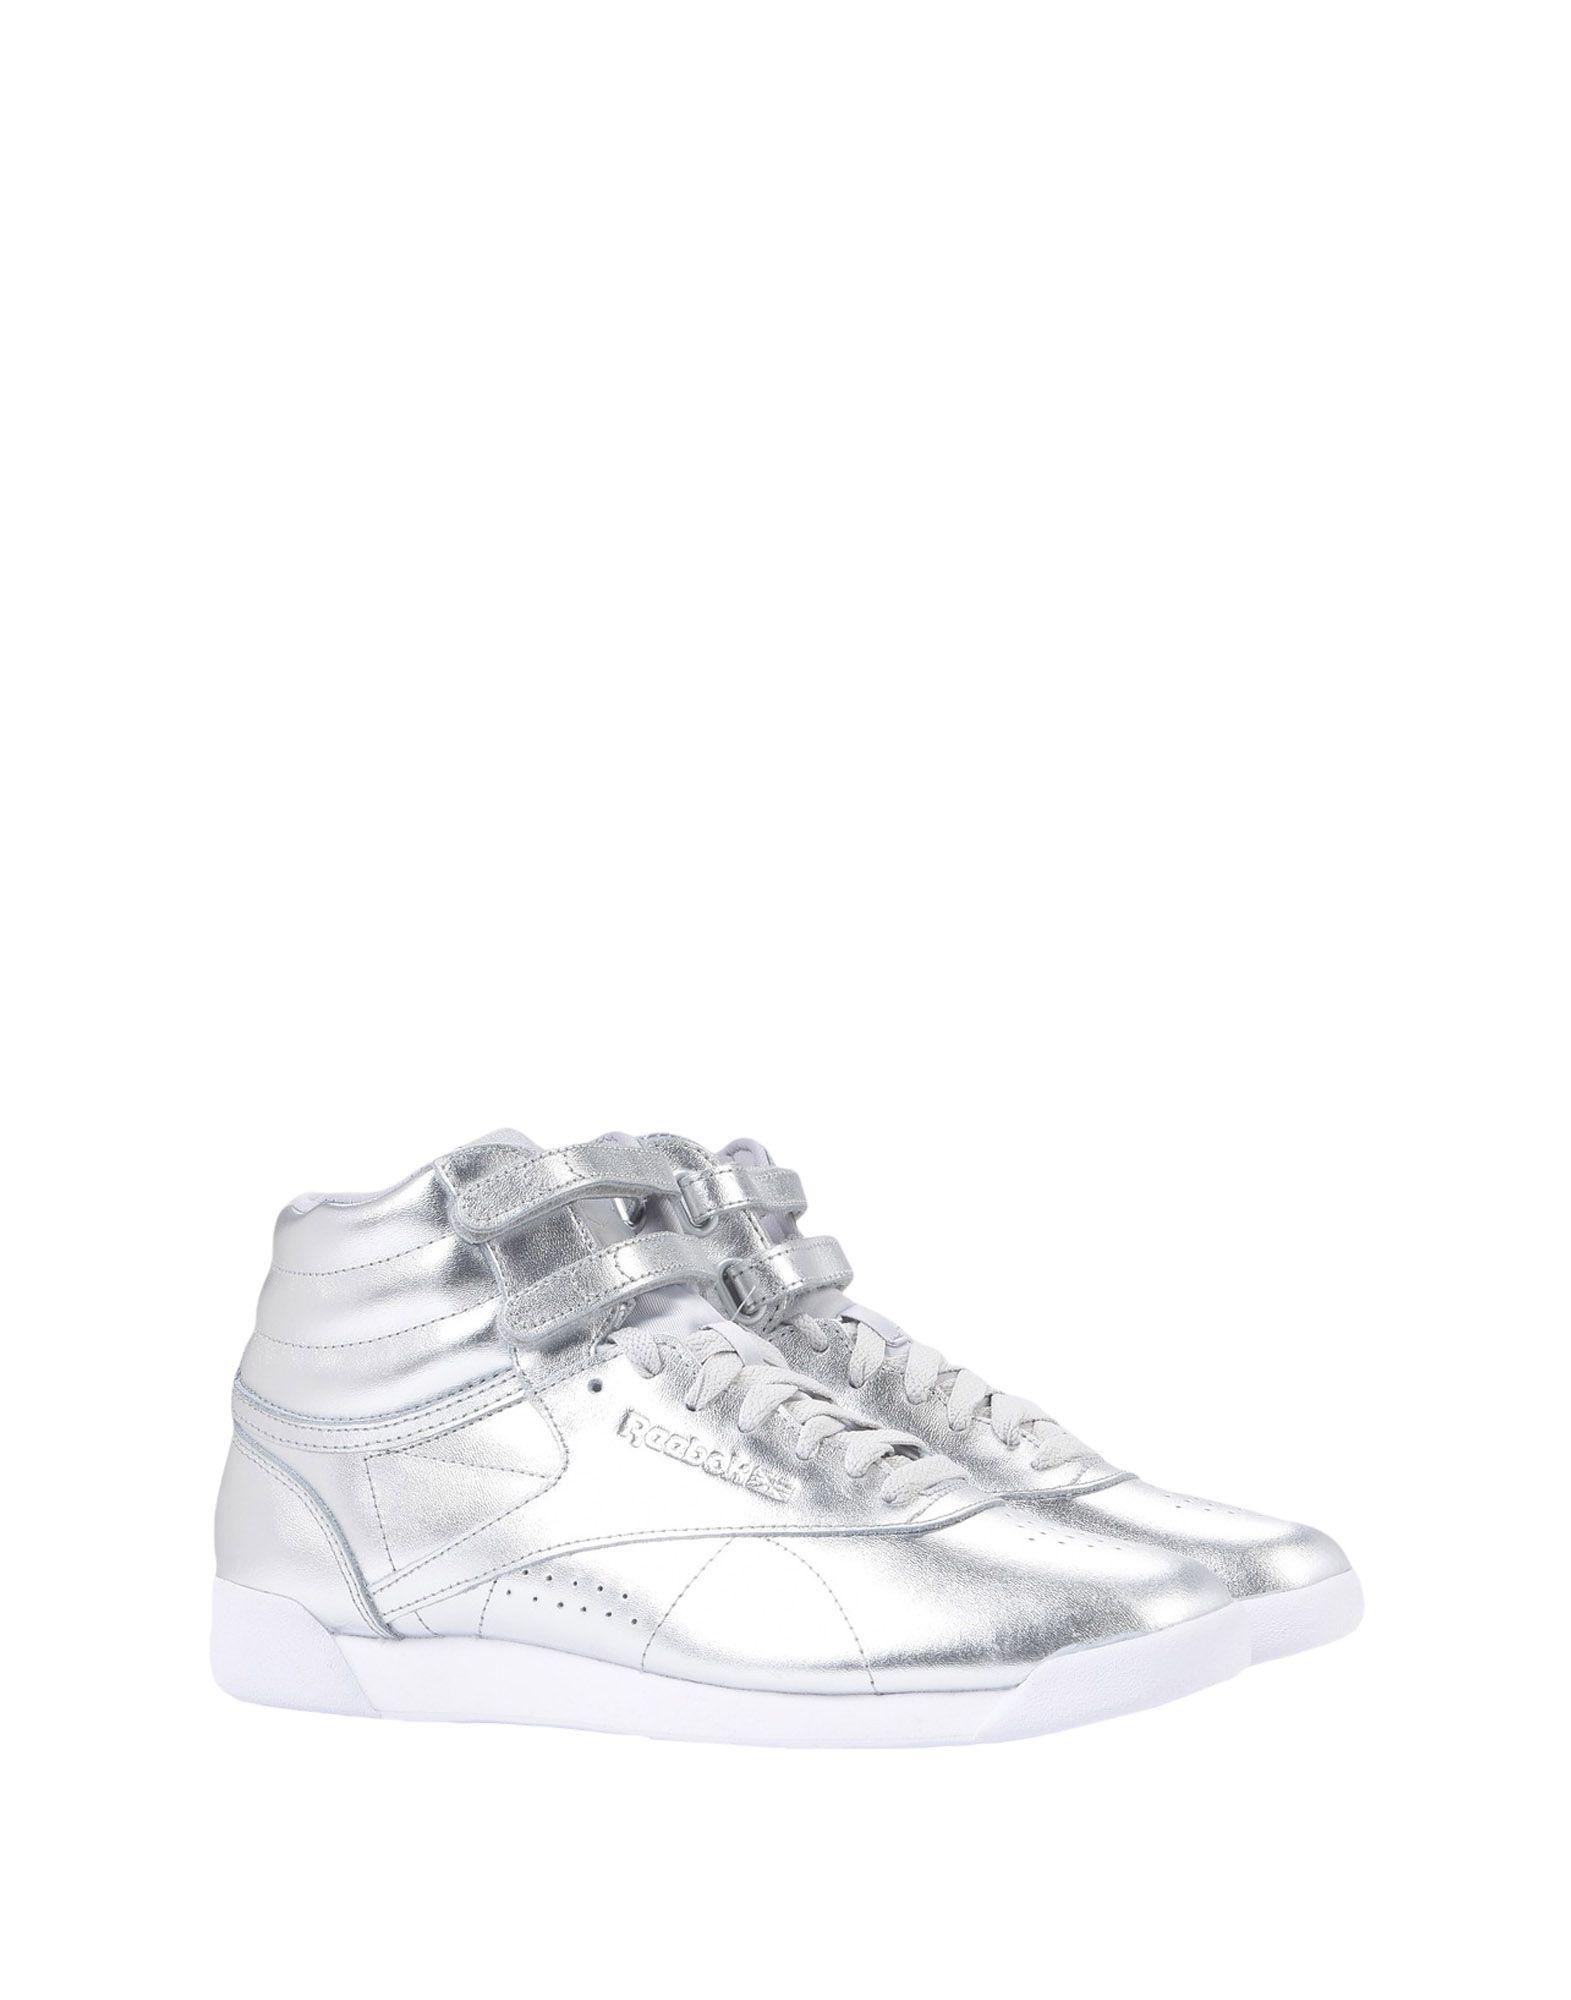 Reebok 11443588SF F/S Hi Metallic  11443588SF Reebok Gute Qualität beliebte Schuhe 372b7a